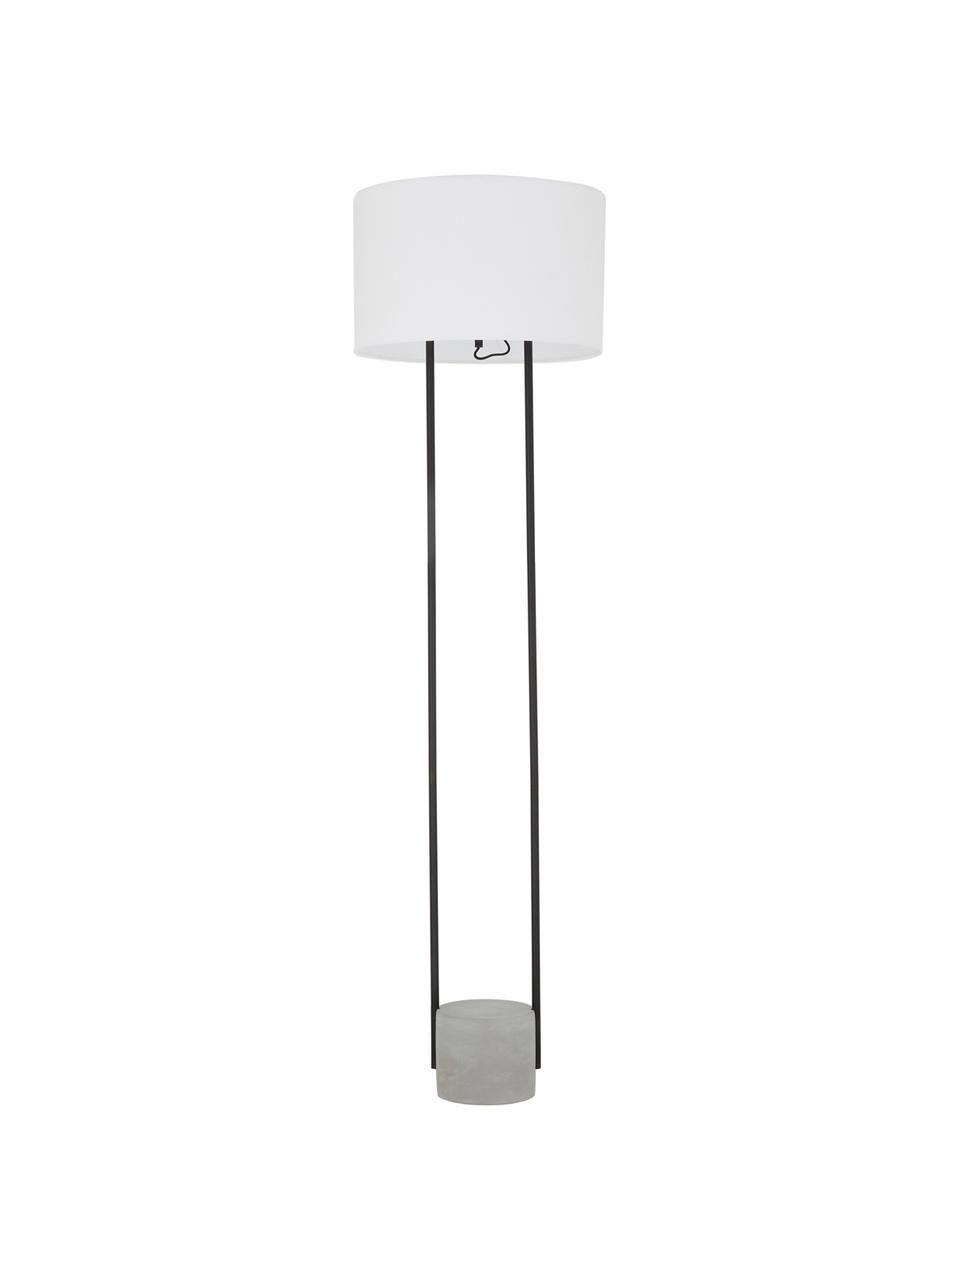 Vloerlamp Pipero met betonnen voet, Lampenkap: textiel, Frame: gepoedercoat metaal, Lampvoet: beton, Lampenkap: wit. Lampvoet: mat zwart, grijs. Snoer: zwart, Ø 45 x H 161 cm